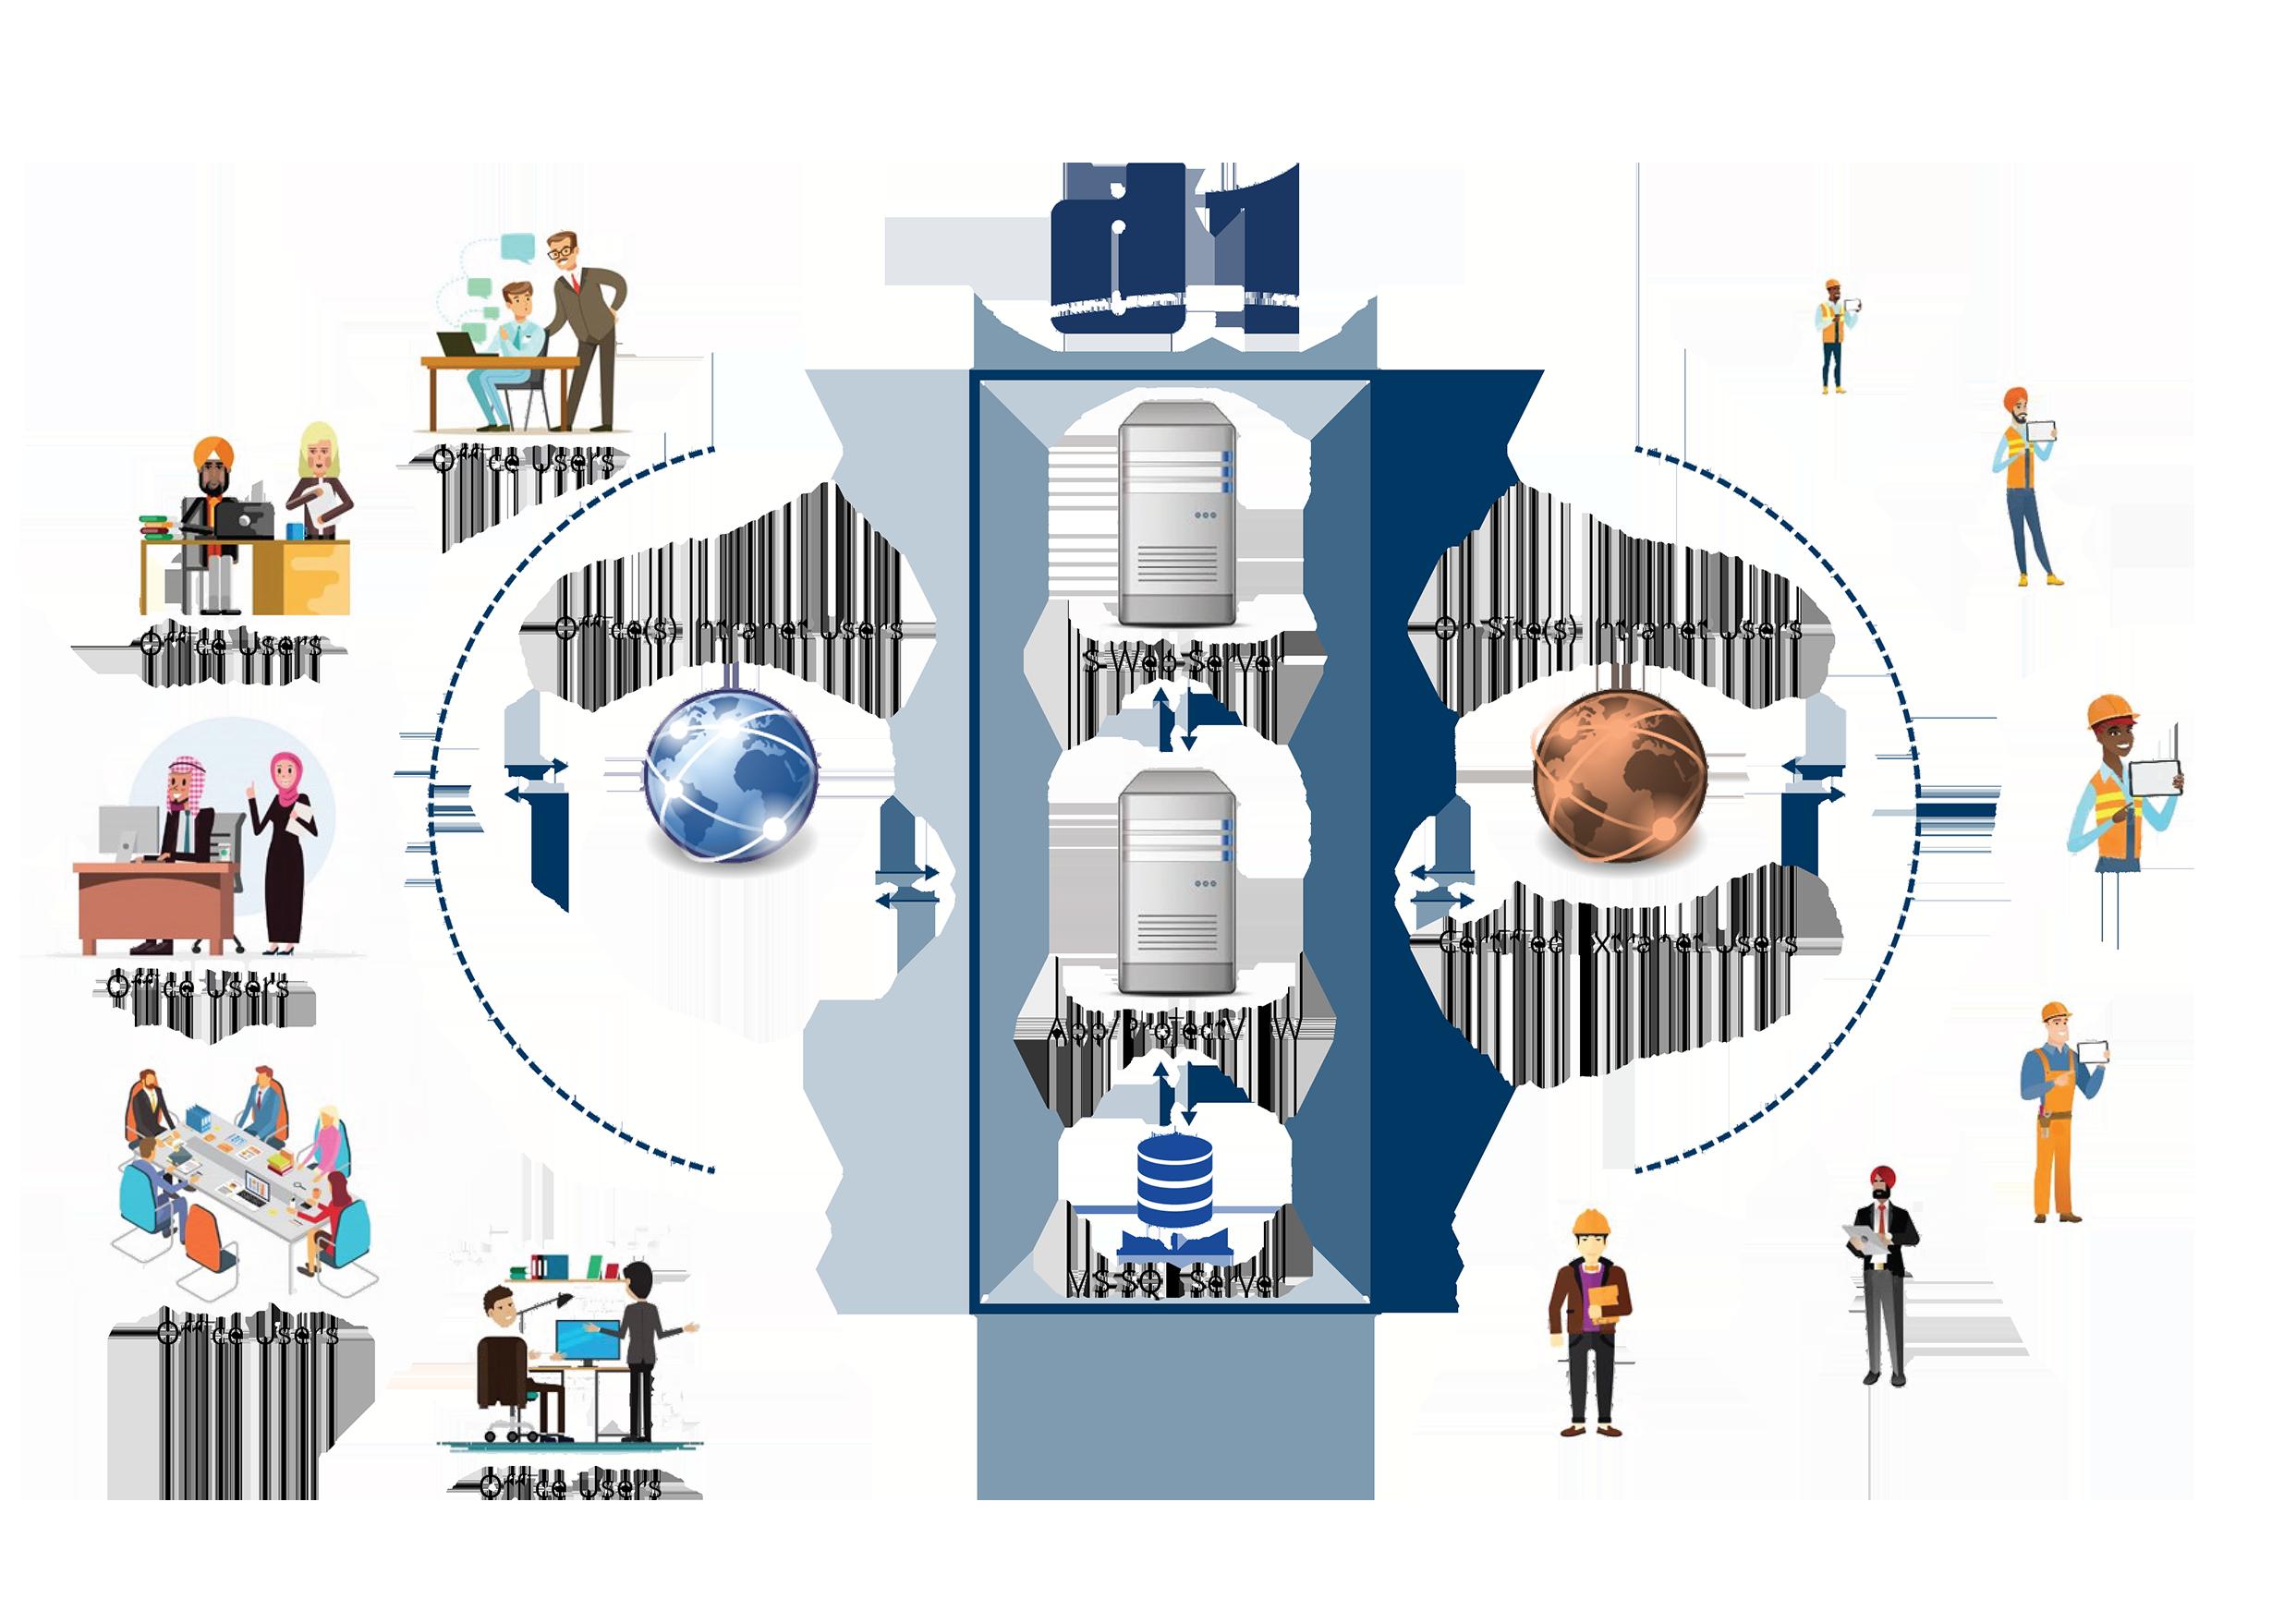 danaos1 projectview e-purchasing schema